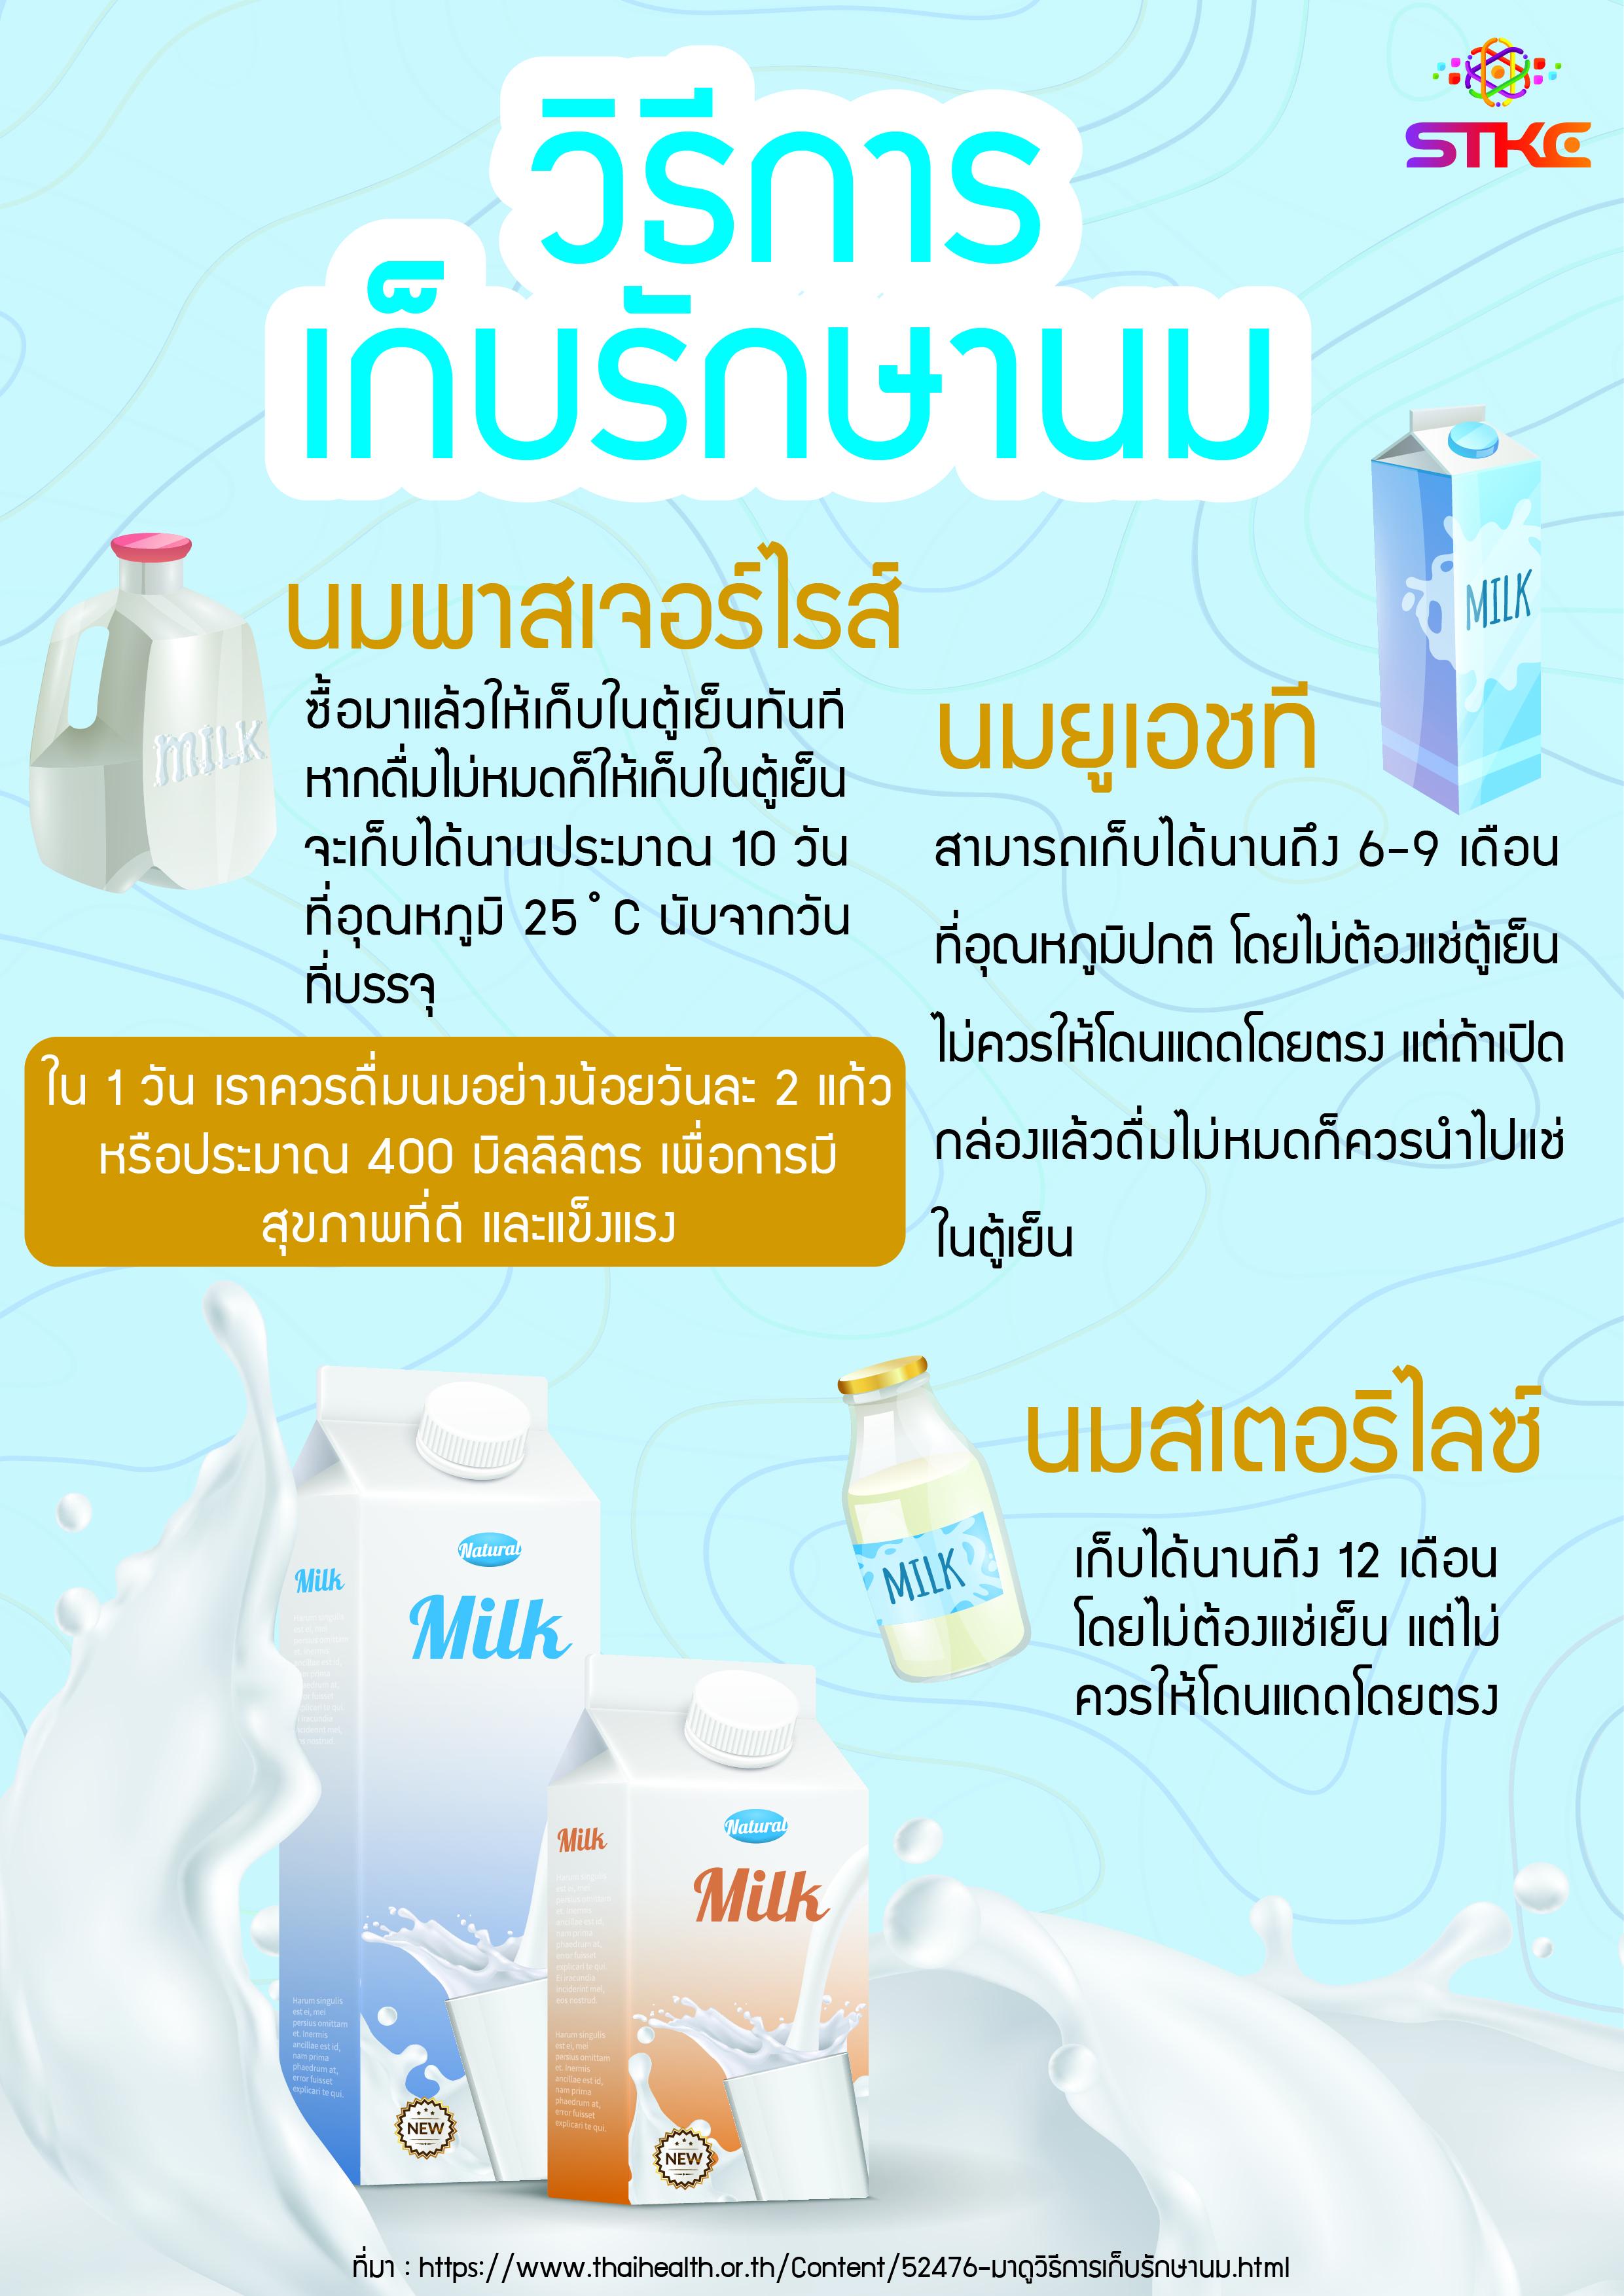 มาดูวิธีการเก็บรักษานม